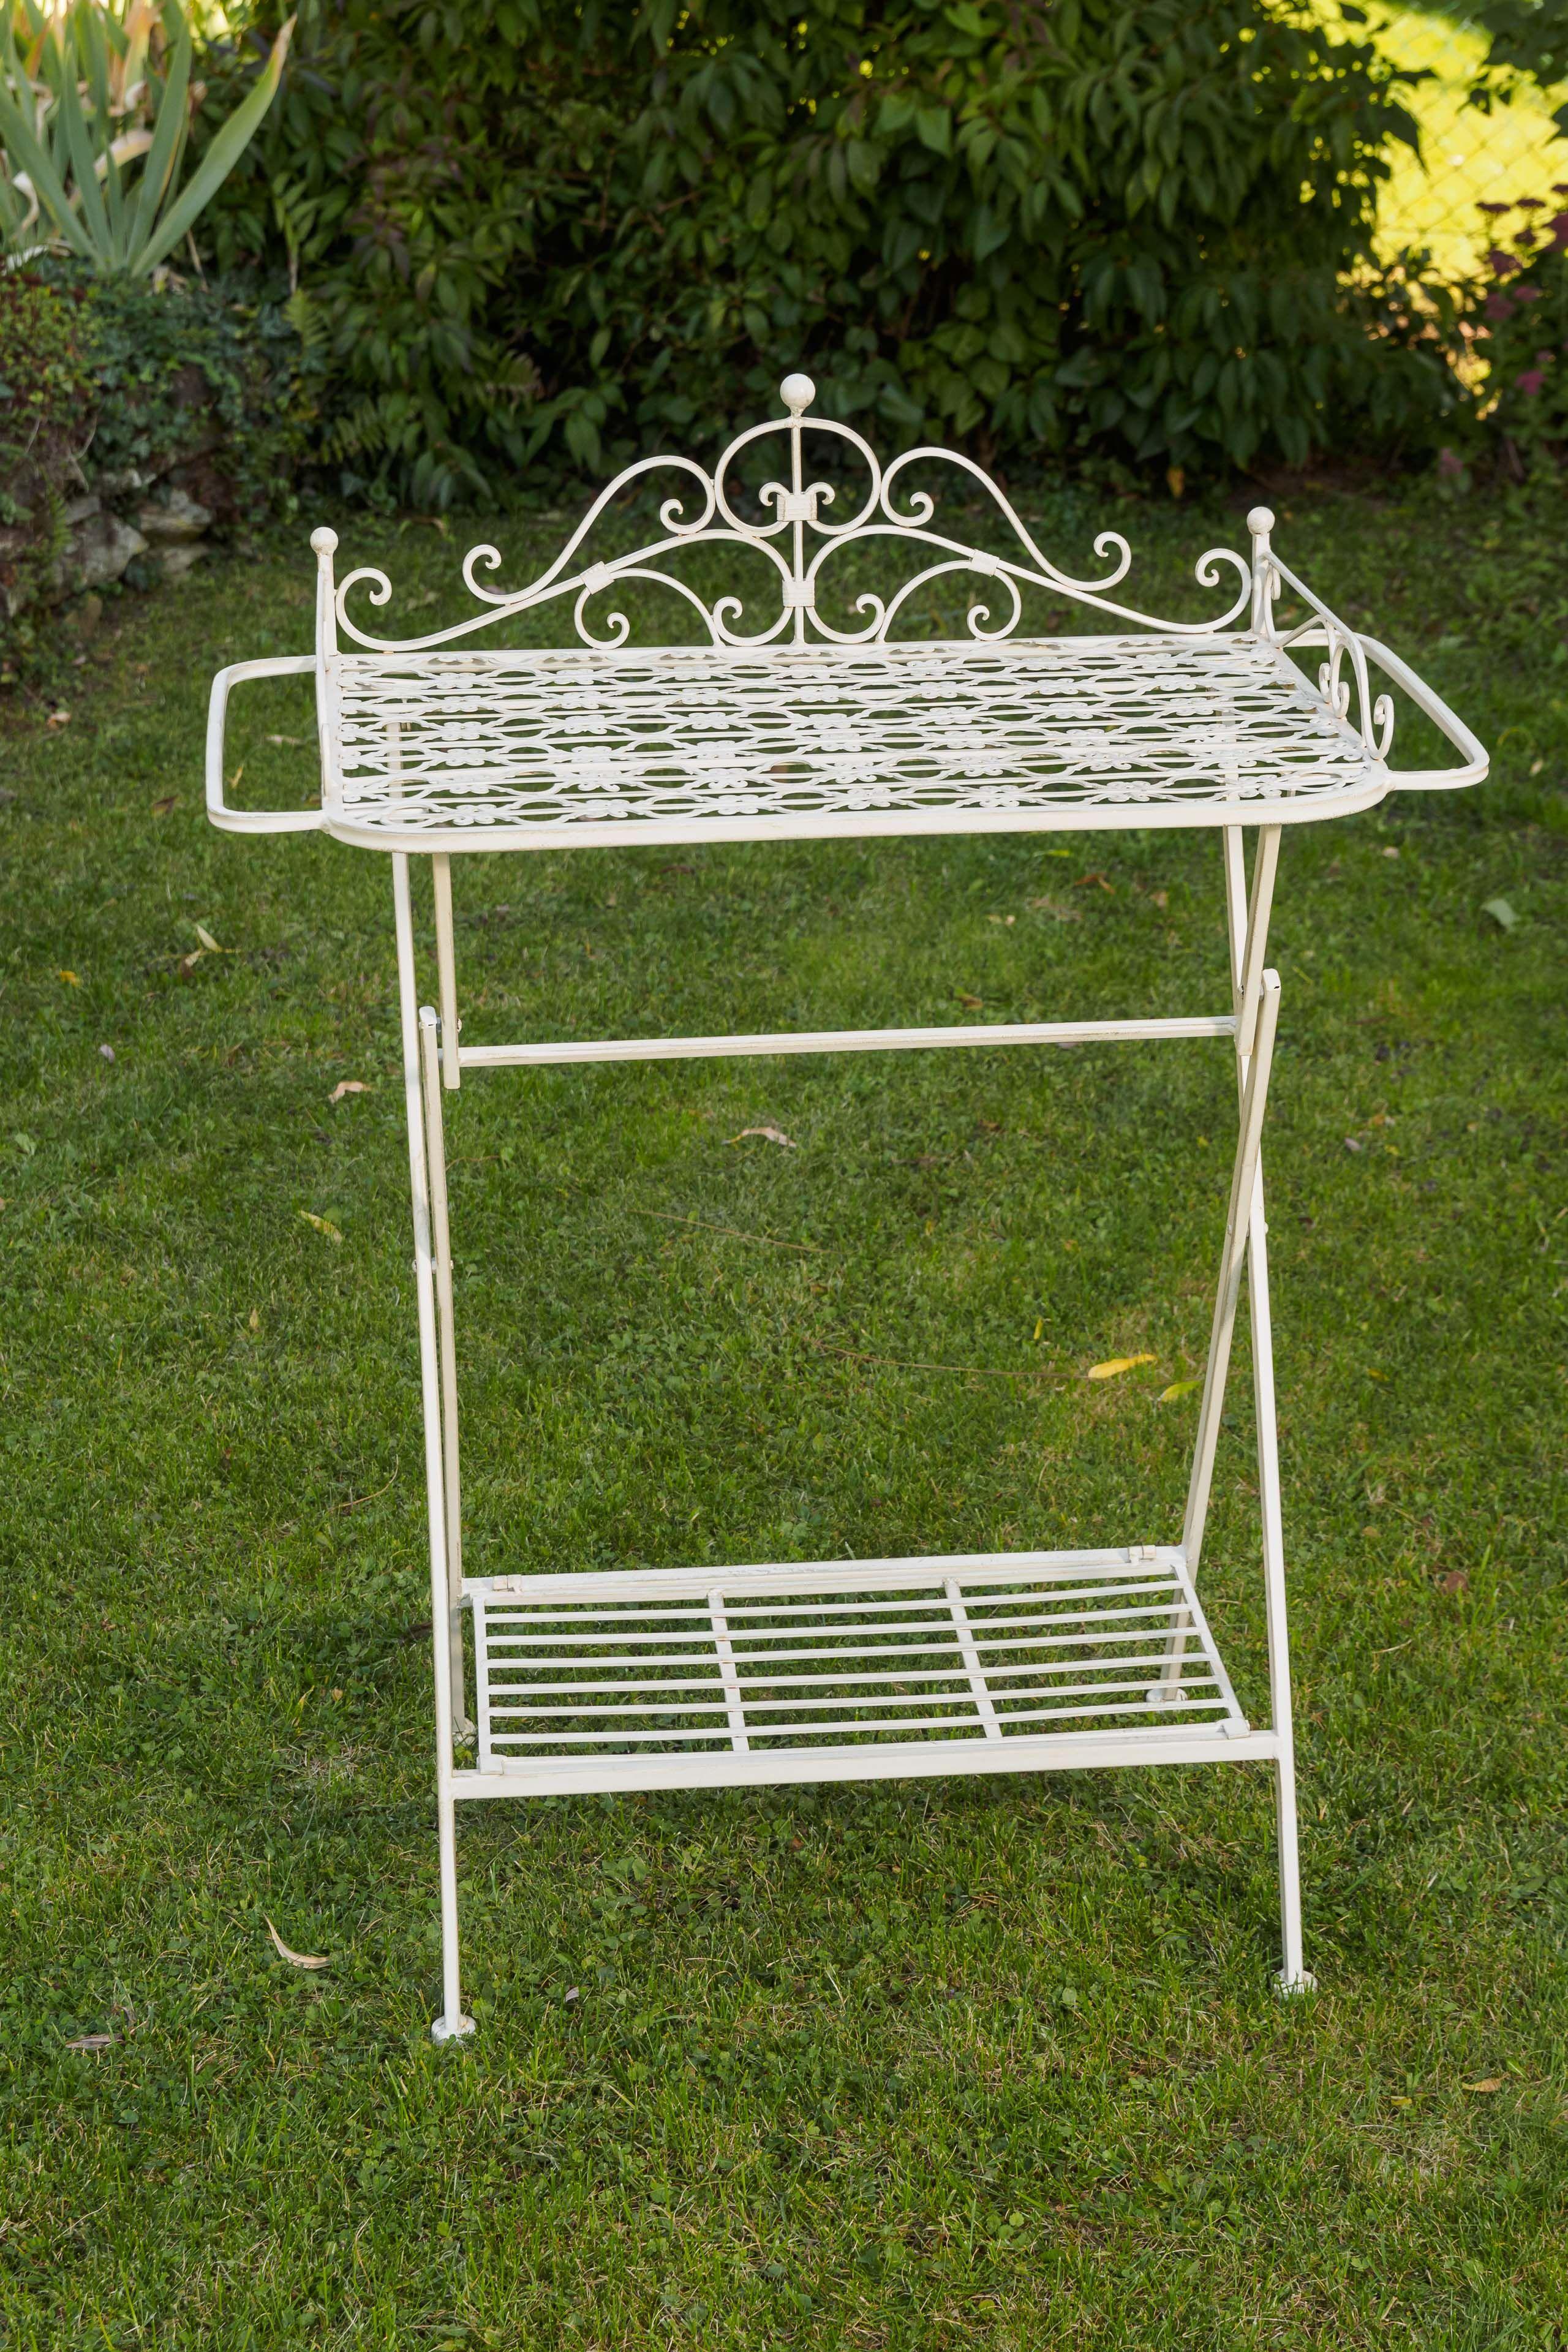 Butlers Tray Serviertisch Gartentisch Eisen Garten Klapptisch Beistelltisch Beistelltisch Serviertisch Tisch